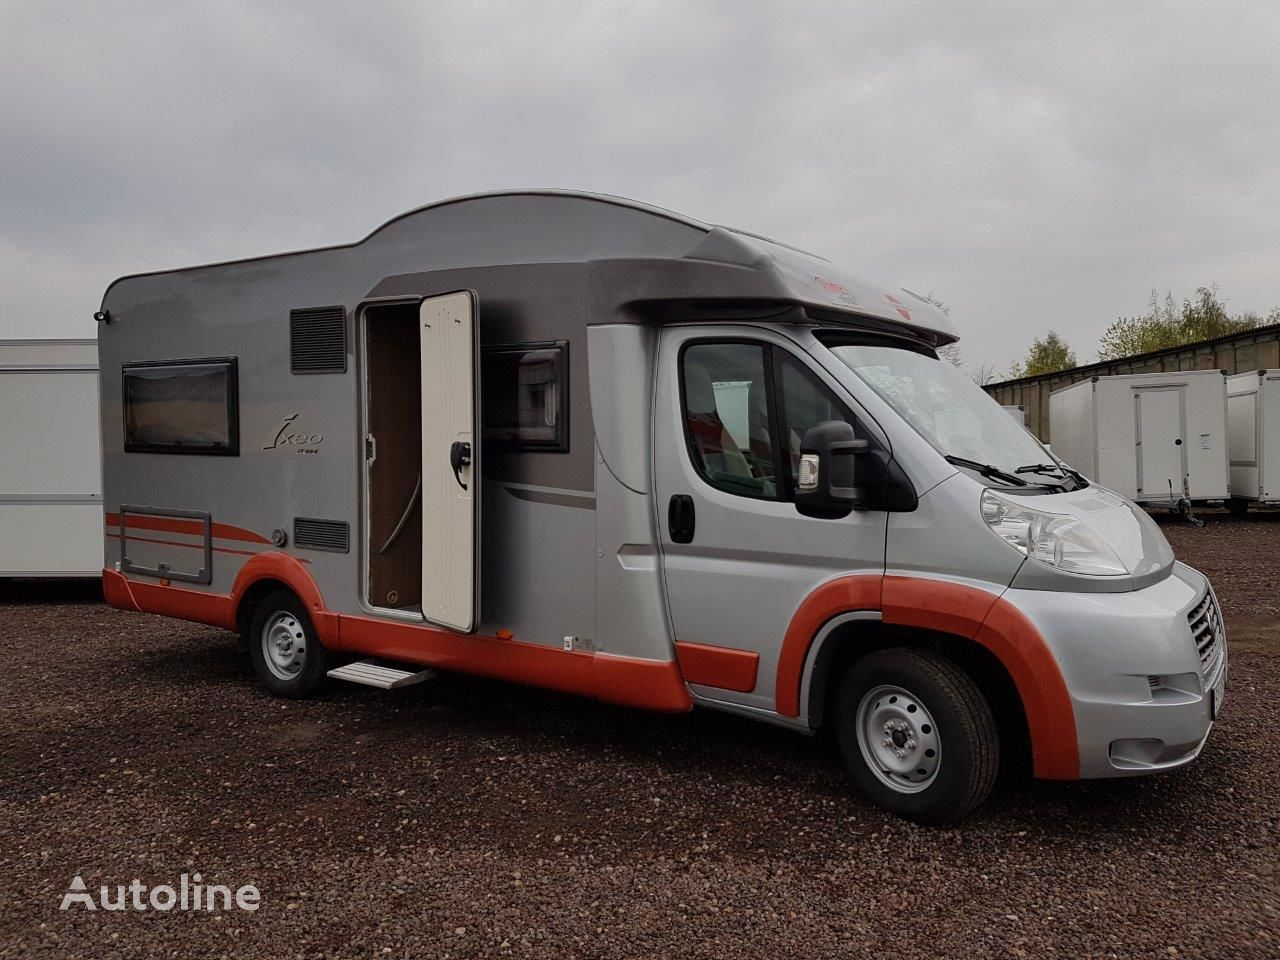 Verkauf Von Wohnmobilen Aus Polen Wohnmobil Kaufen Ft15428